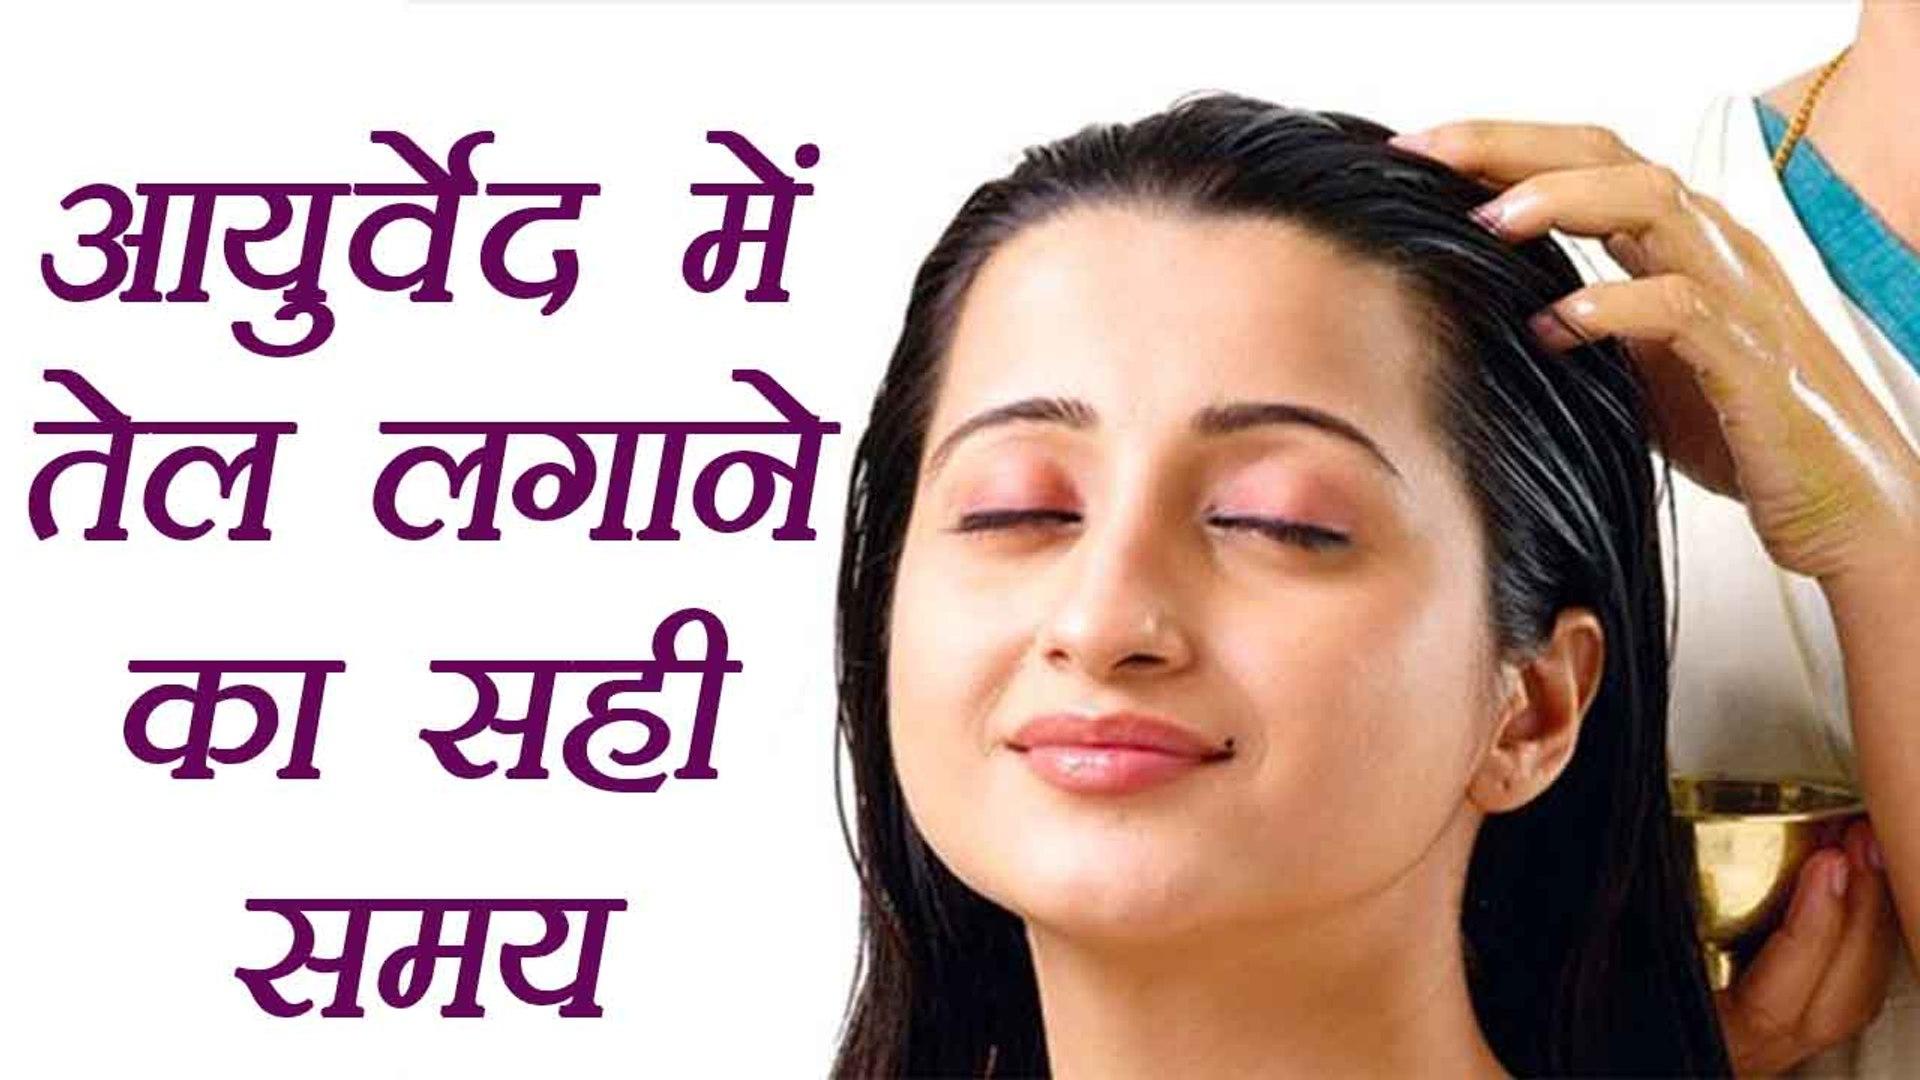 Hair Oiling: Right time according to Ayurveda | आयुर्वेद में तेल लगाने का सही समय | Boldsky